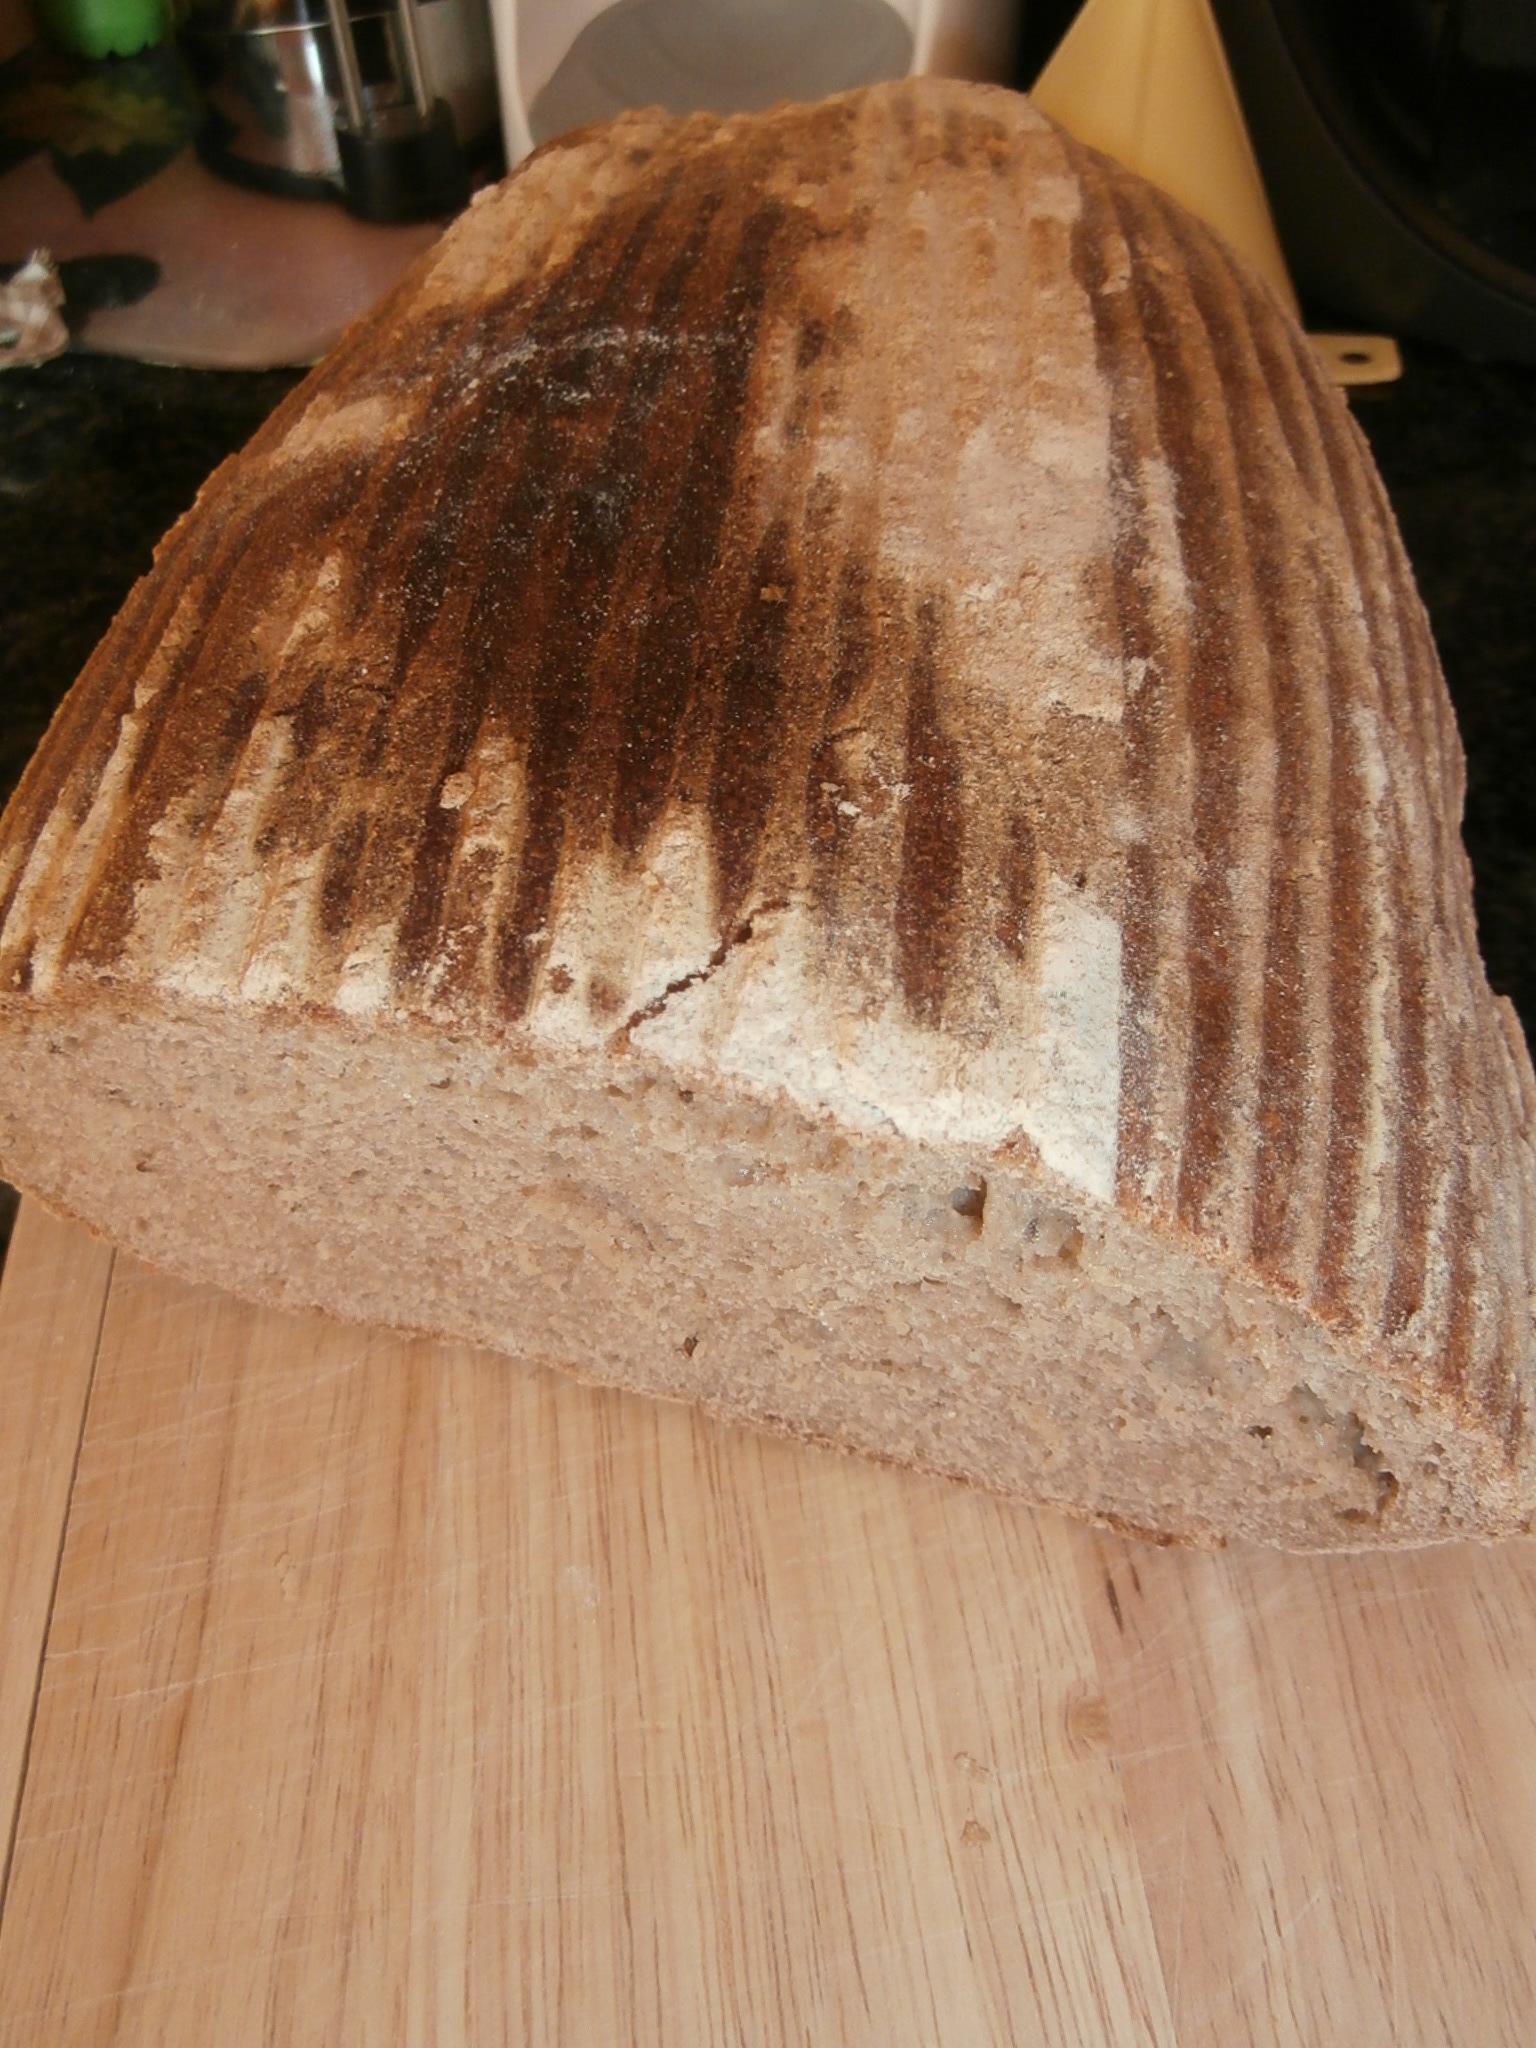 Celokváskový chléb včetně výroby kvásku